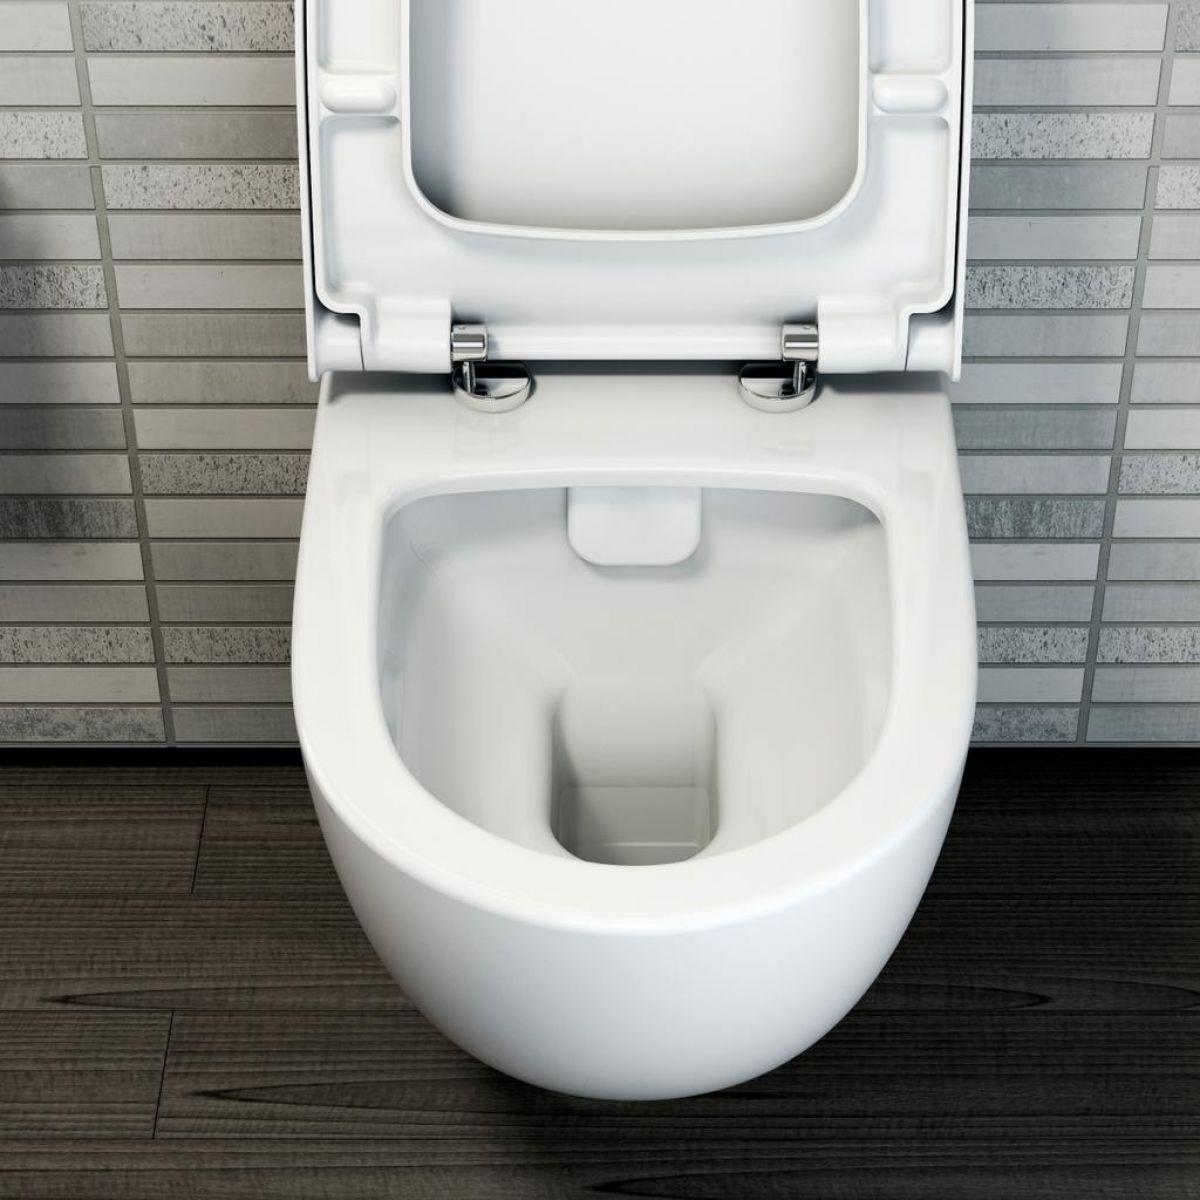 Vitra Sento Compact Wall Hung Toilet Uk Bathrooms